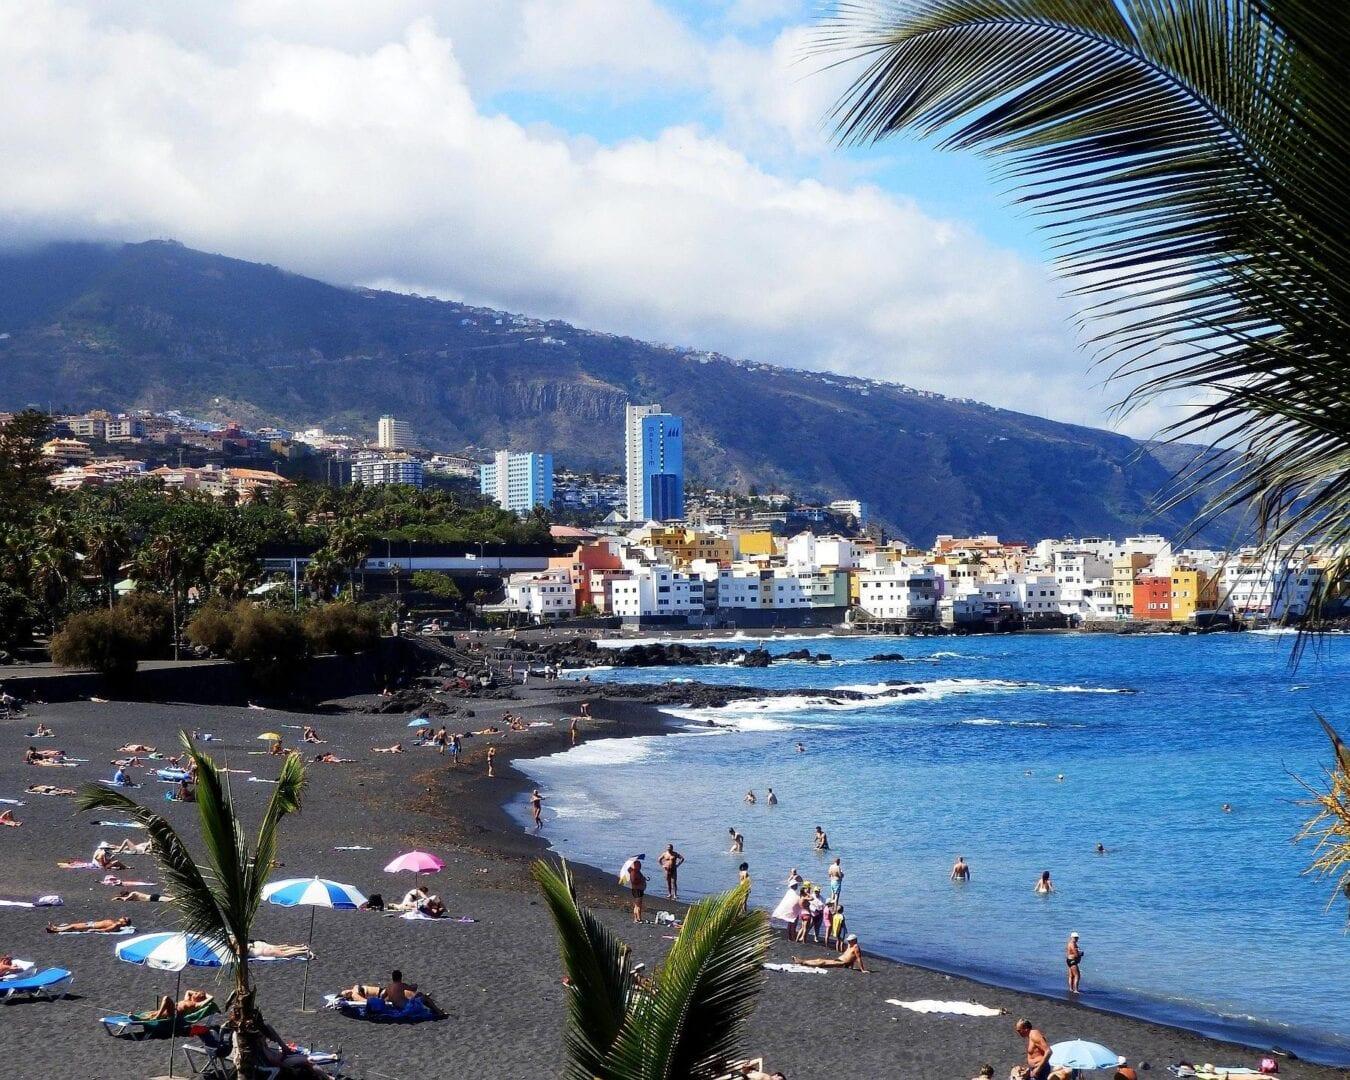 Viaje a Tenerife, Islas Canarias incluido una excursion